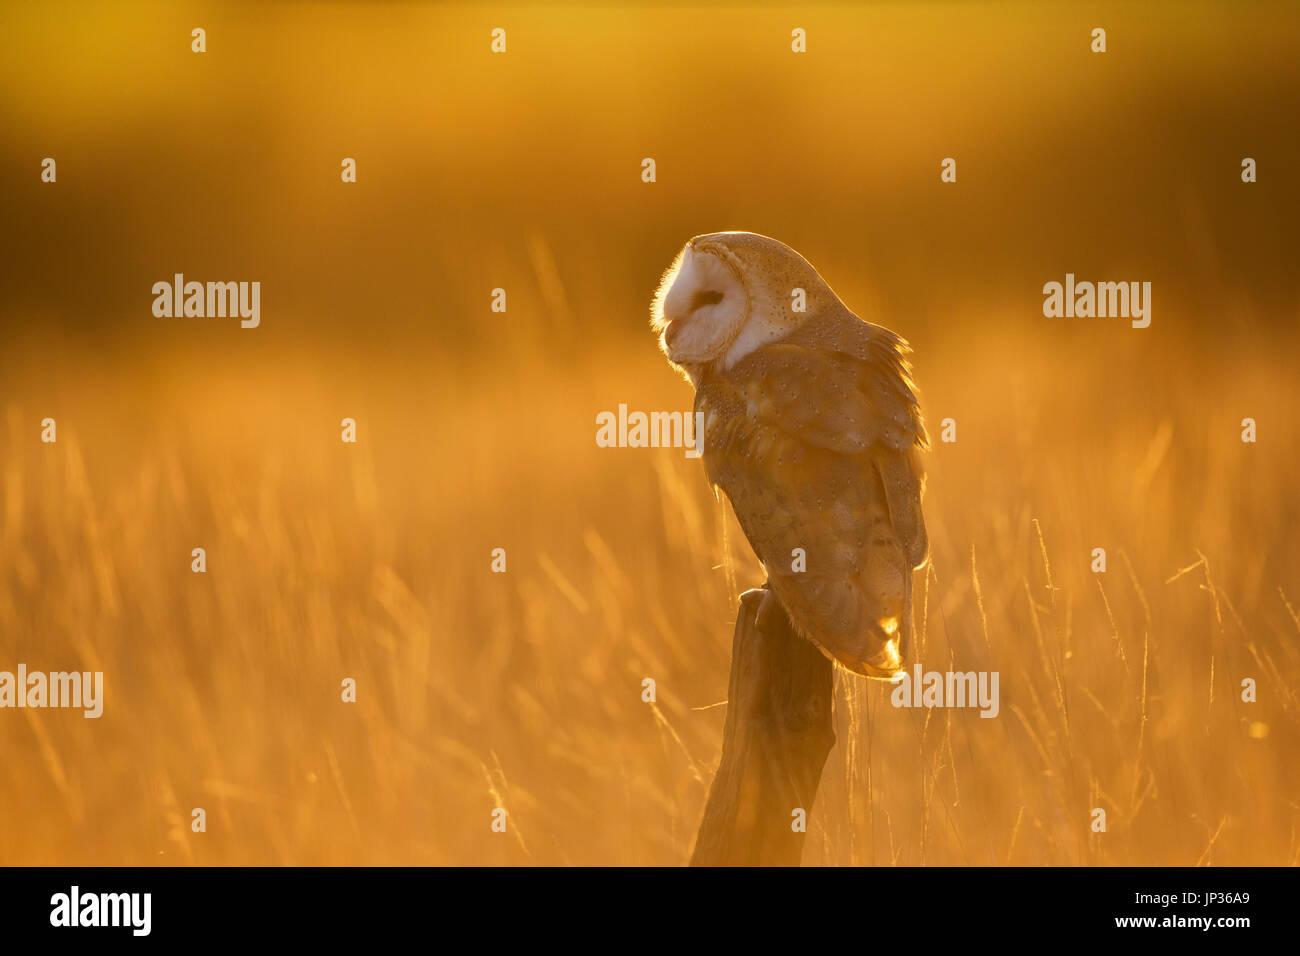 Il barbagianni (Tyto alba) arroccato nella luce dorata al tramonto Immagini Stock